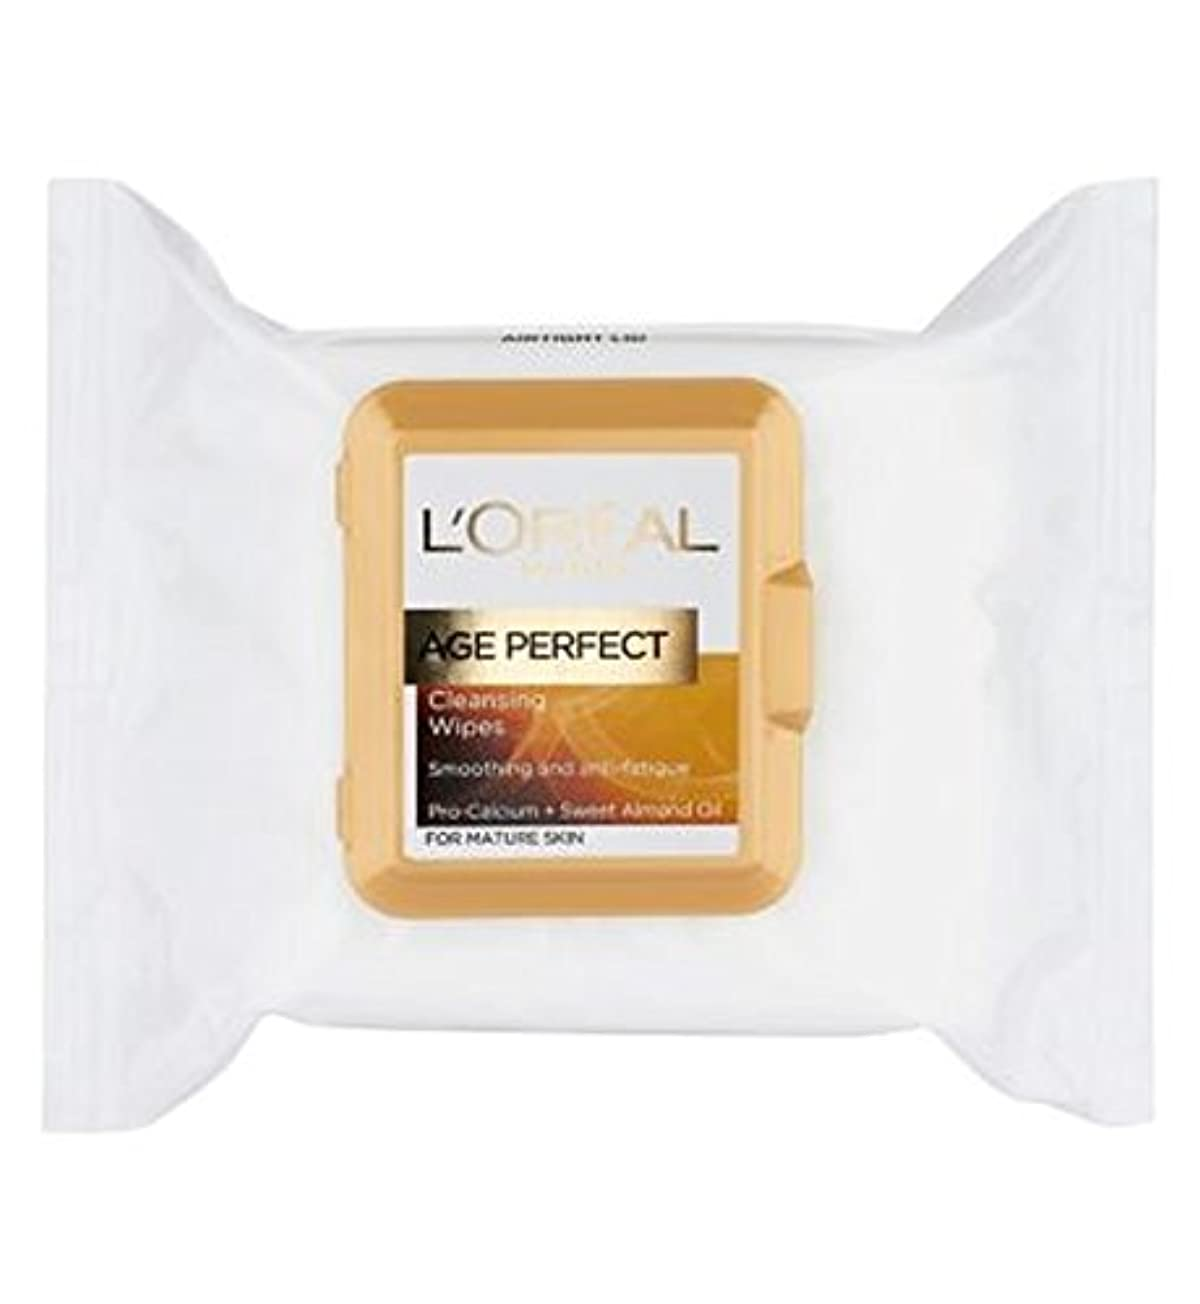 防衛ブランド名管理するL'Oreall Dermo-Expertise Age Smoothing Perfect Cleansing Wipes For Mature Skin 25s - 完璧なクレンジングを平滑L'Oreall真皮専門知識...